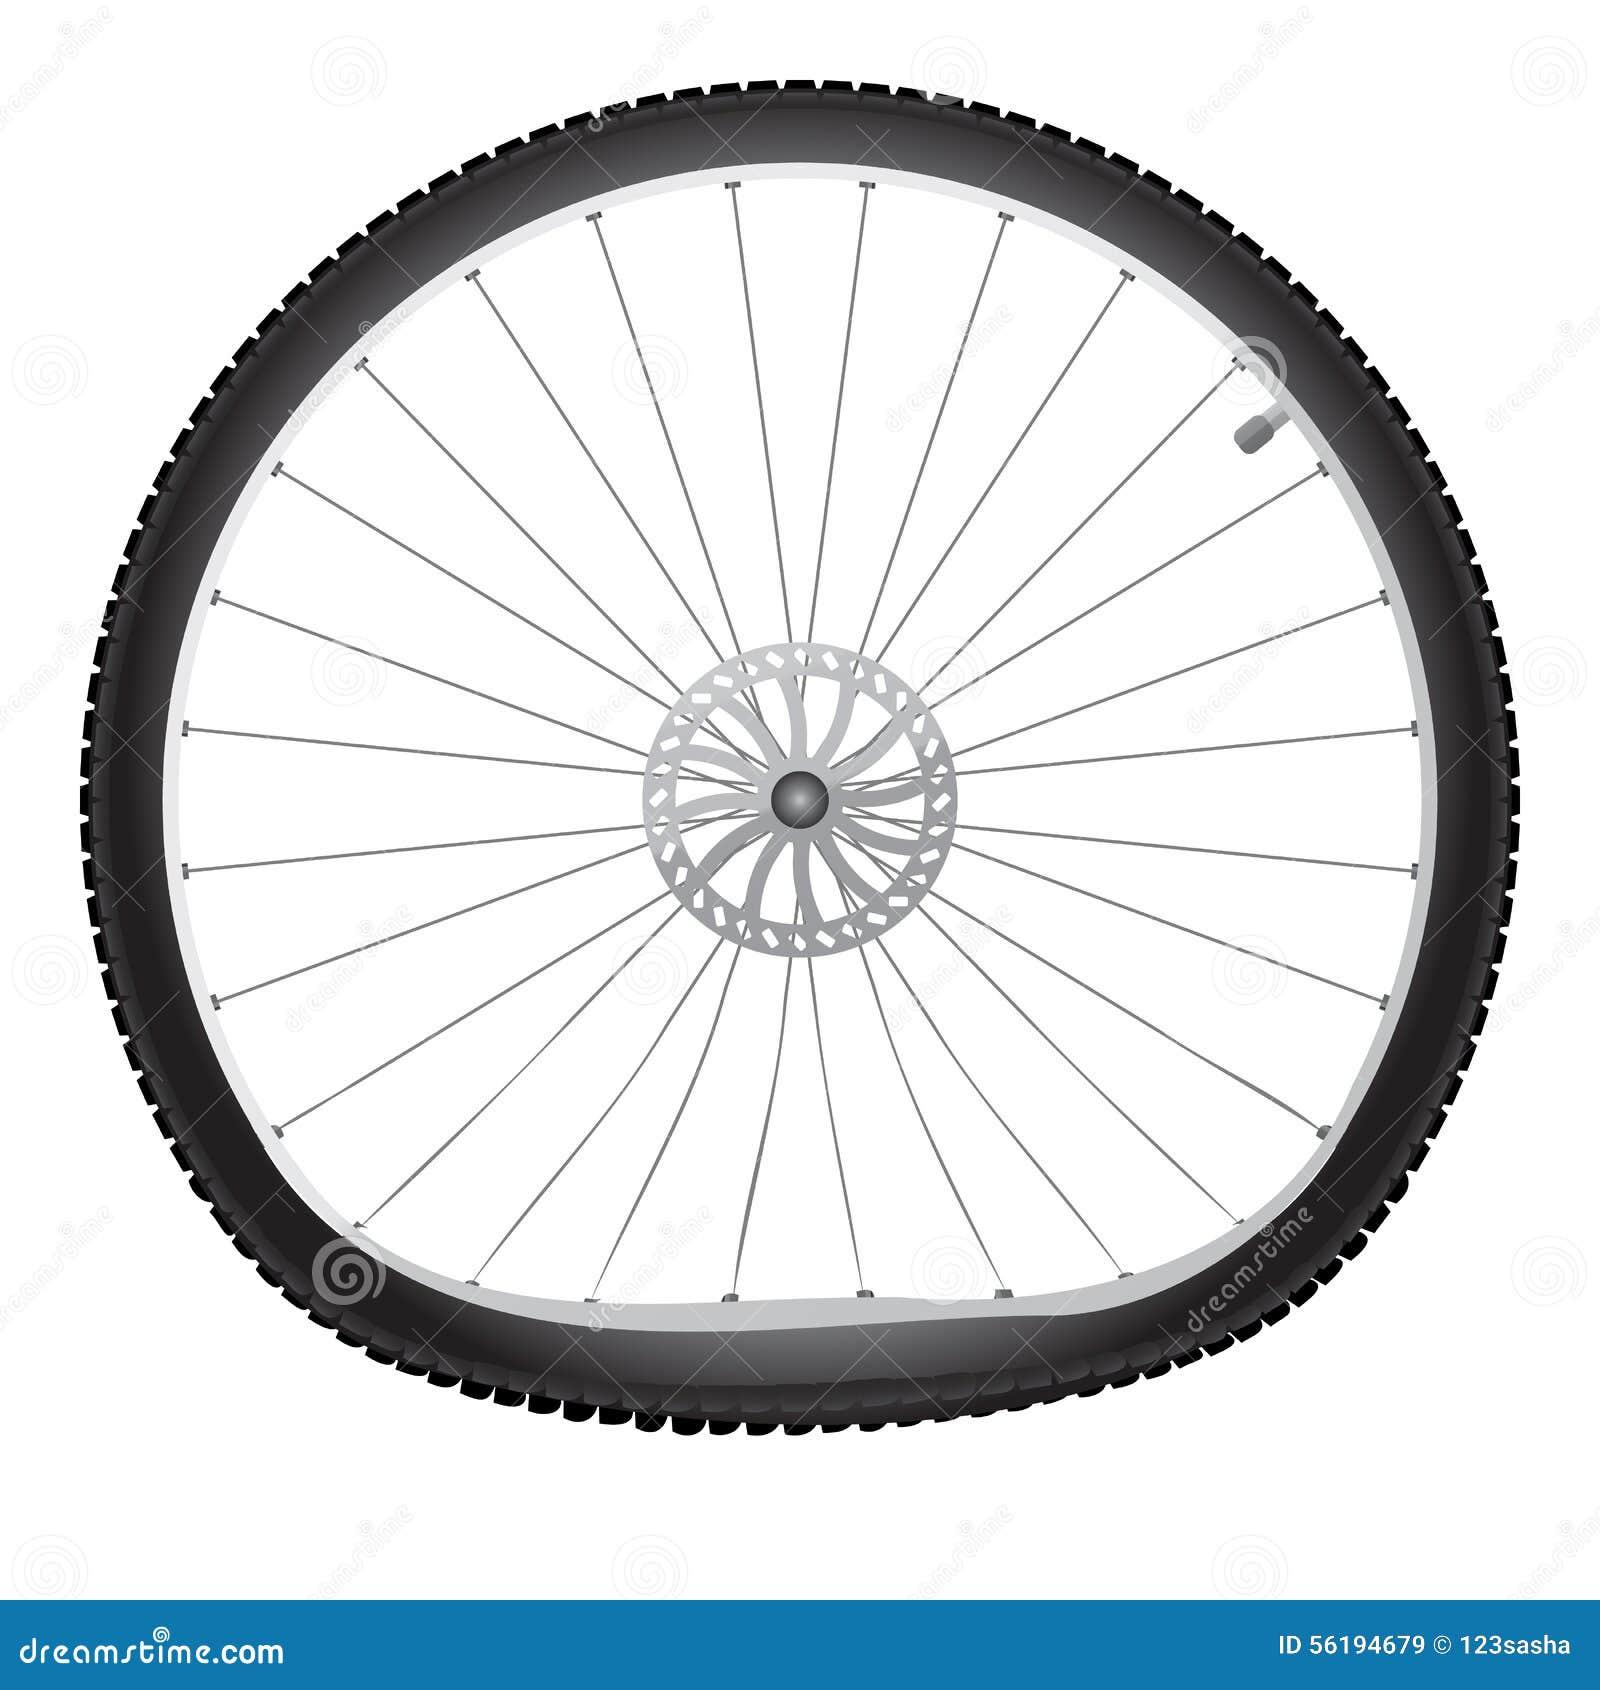 Broken Wheel Clip Art : Broken bicycle wheel stock vector image